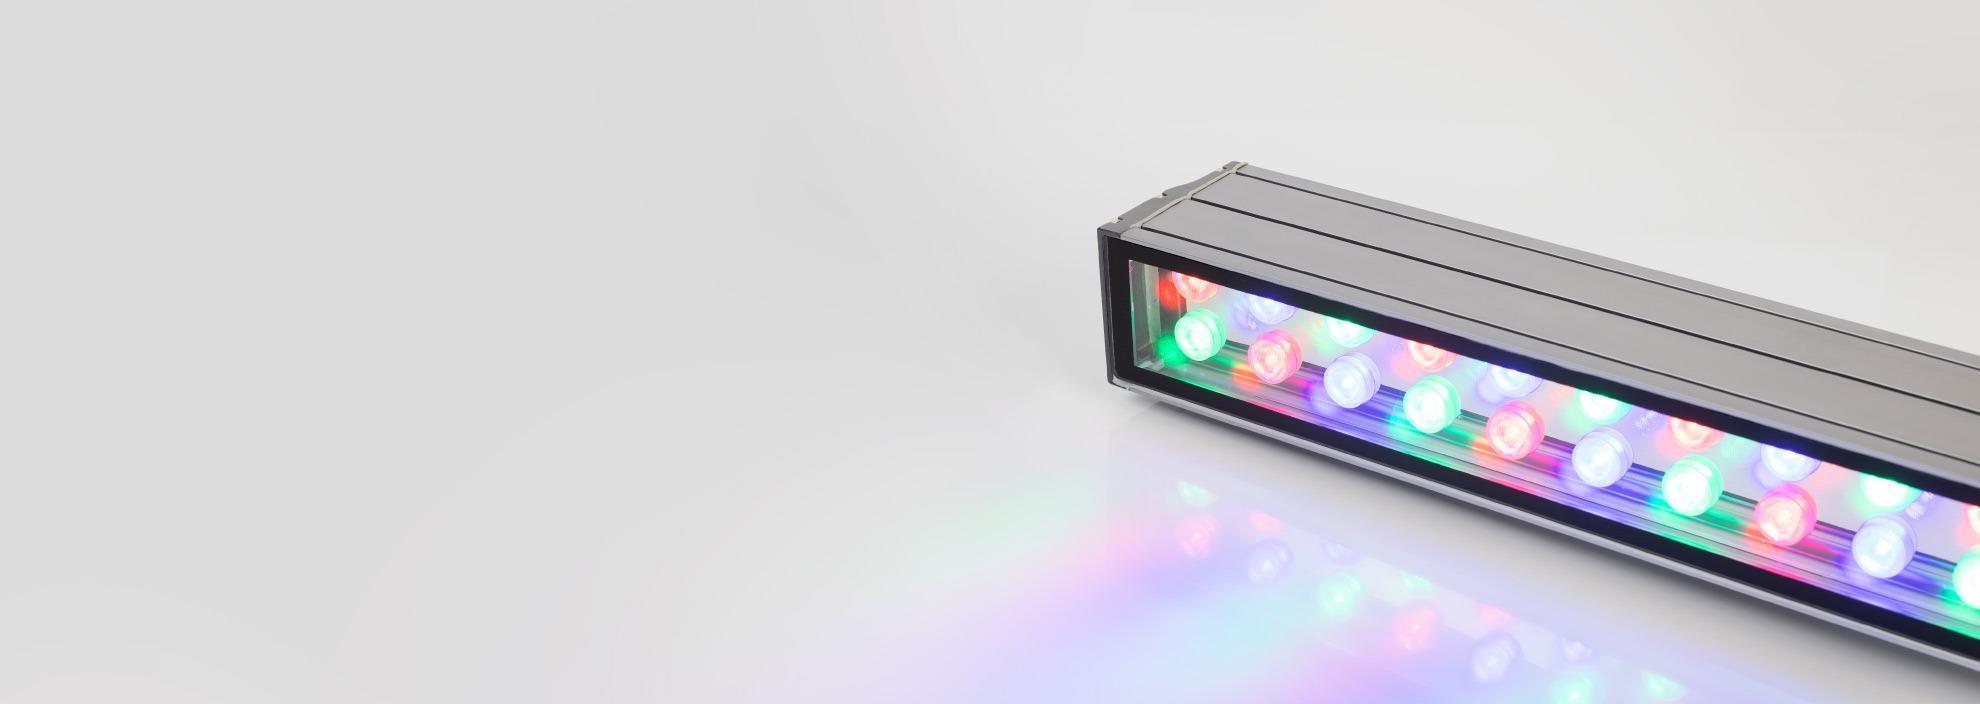 Светодиодные линейные прожекторы серии LINE для архитектурной подсветки зданий, парков, различных прилегающих территорий